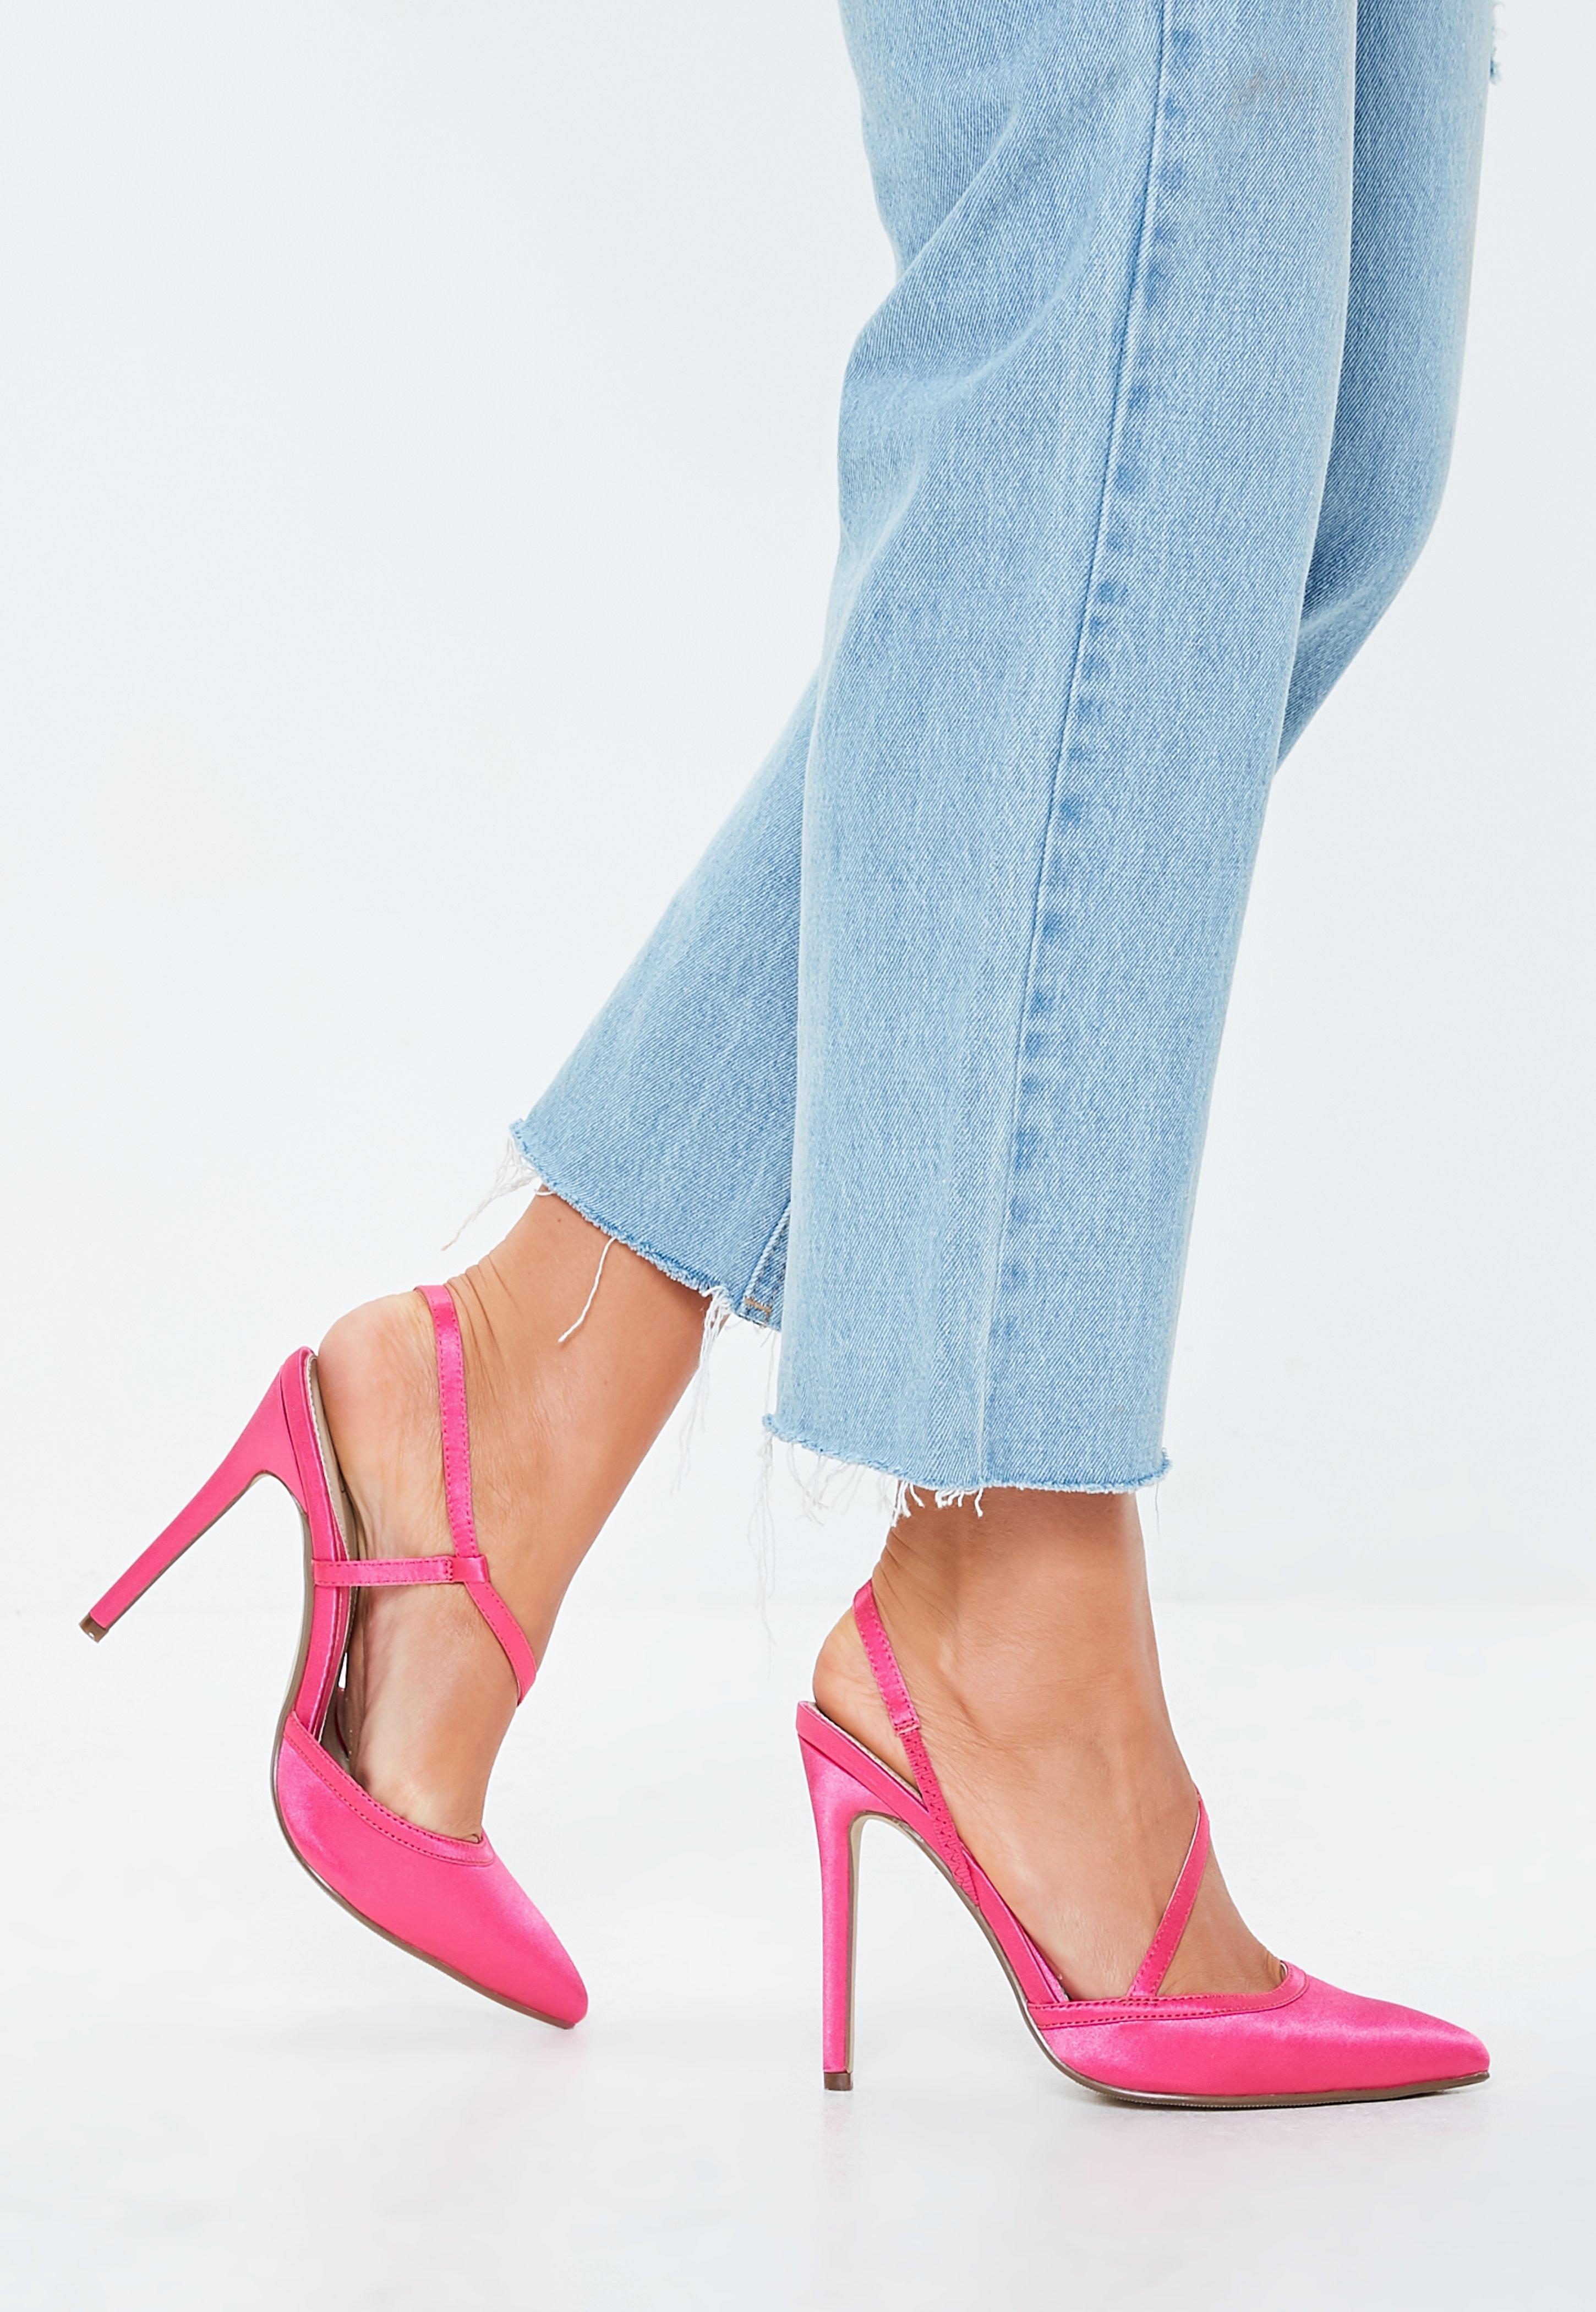 e8c80233d67 Hot Pink Asymmetric Court Shoes